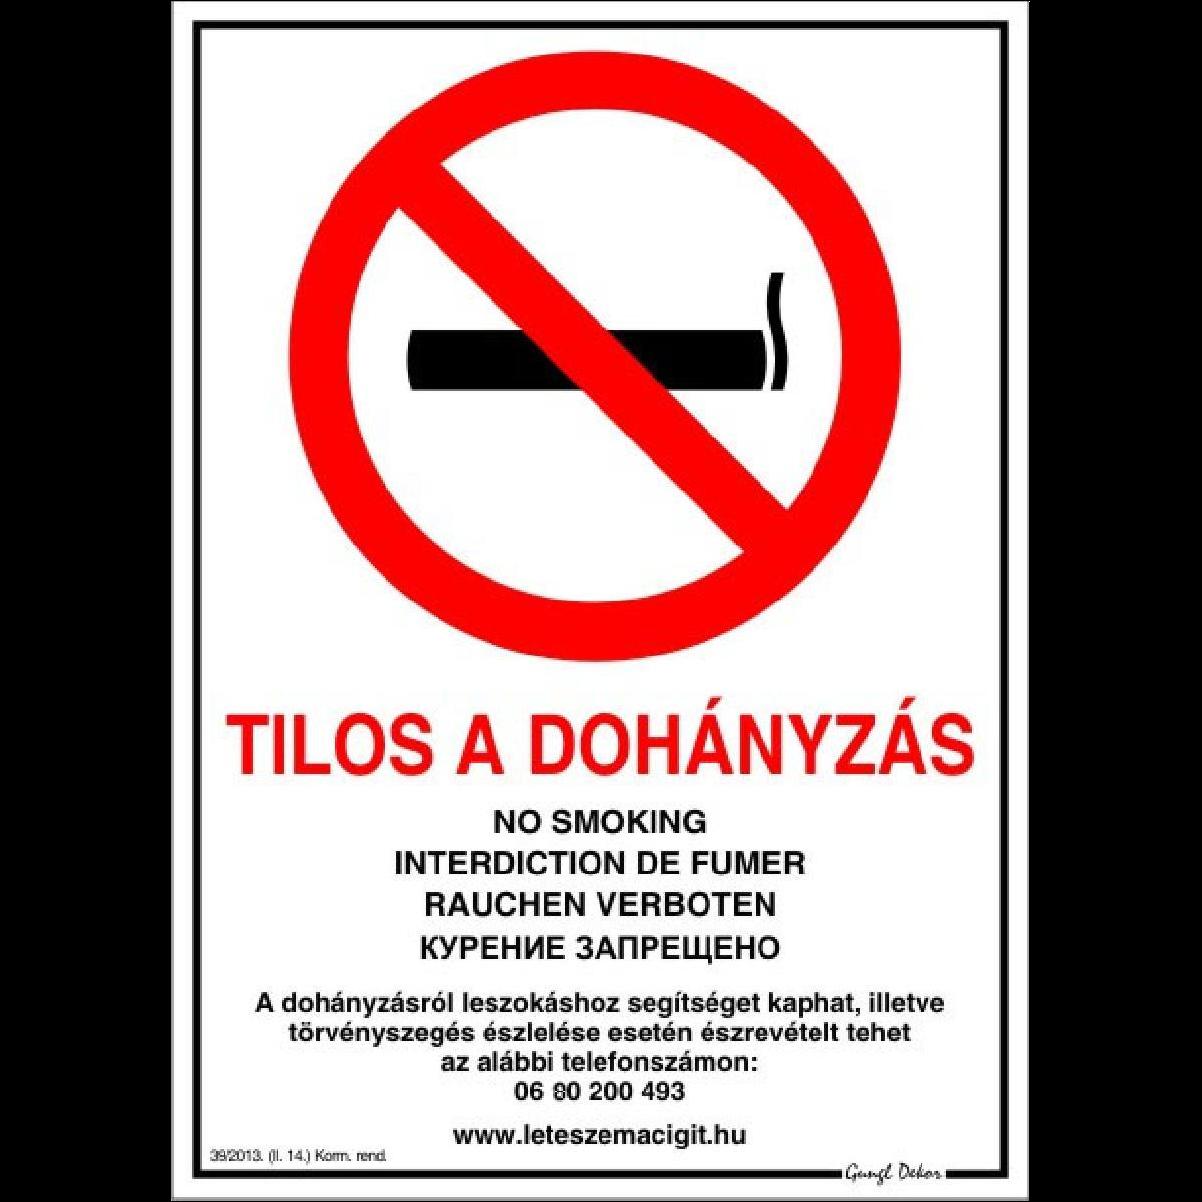 tilos a dohányzás napja